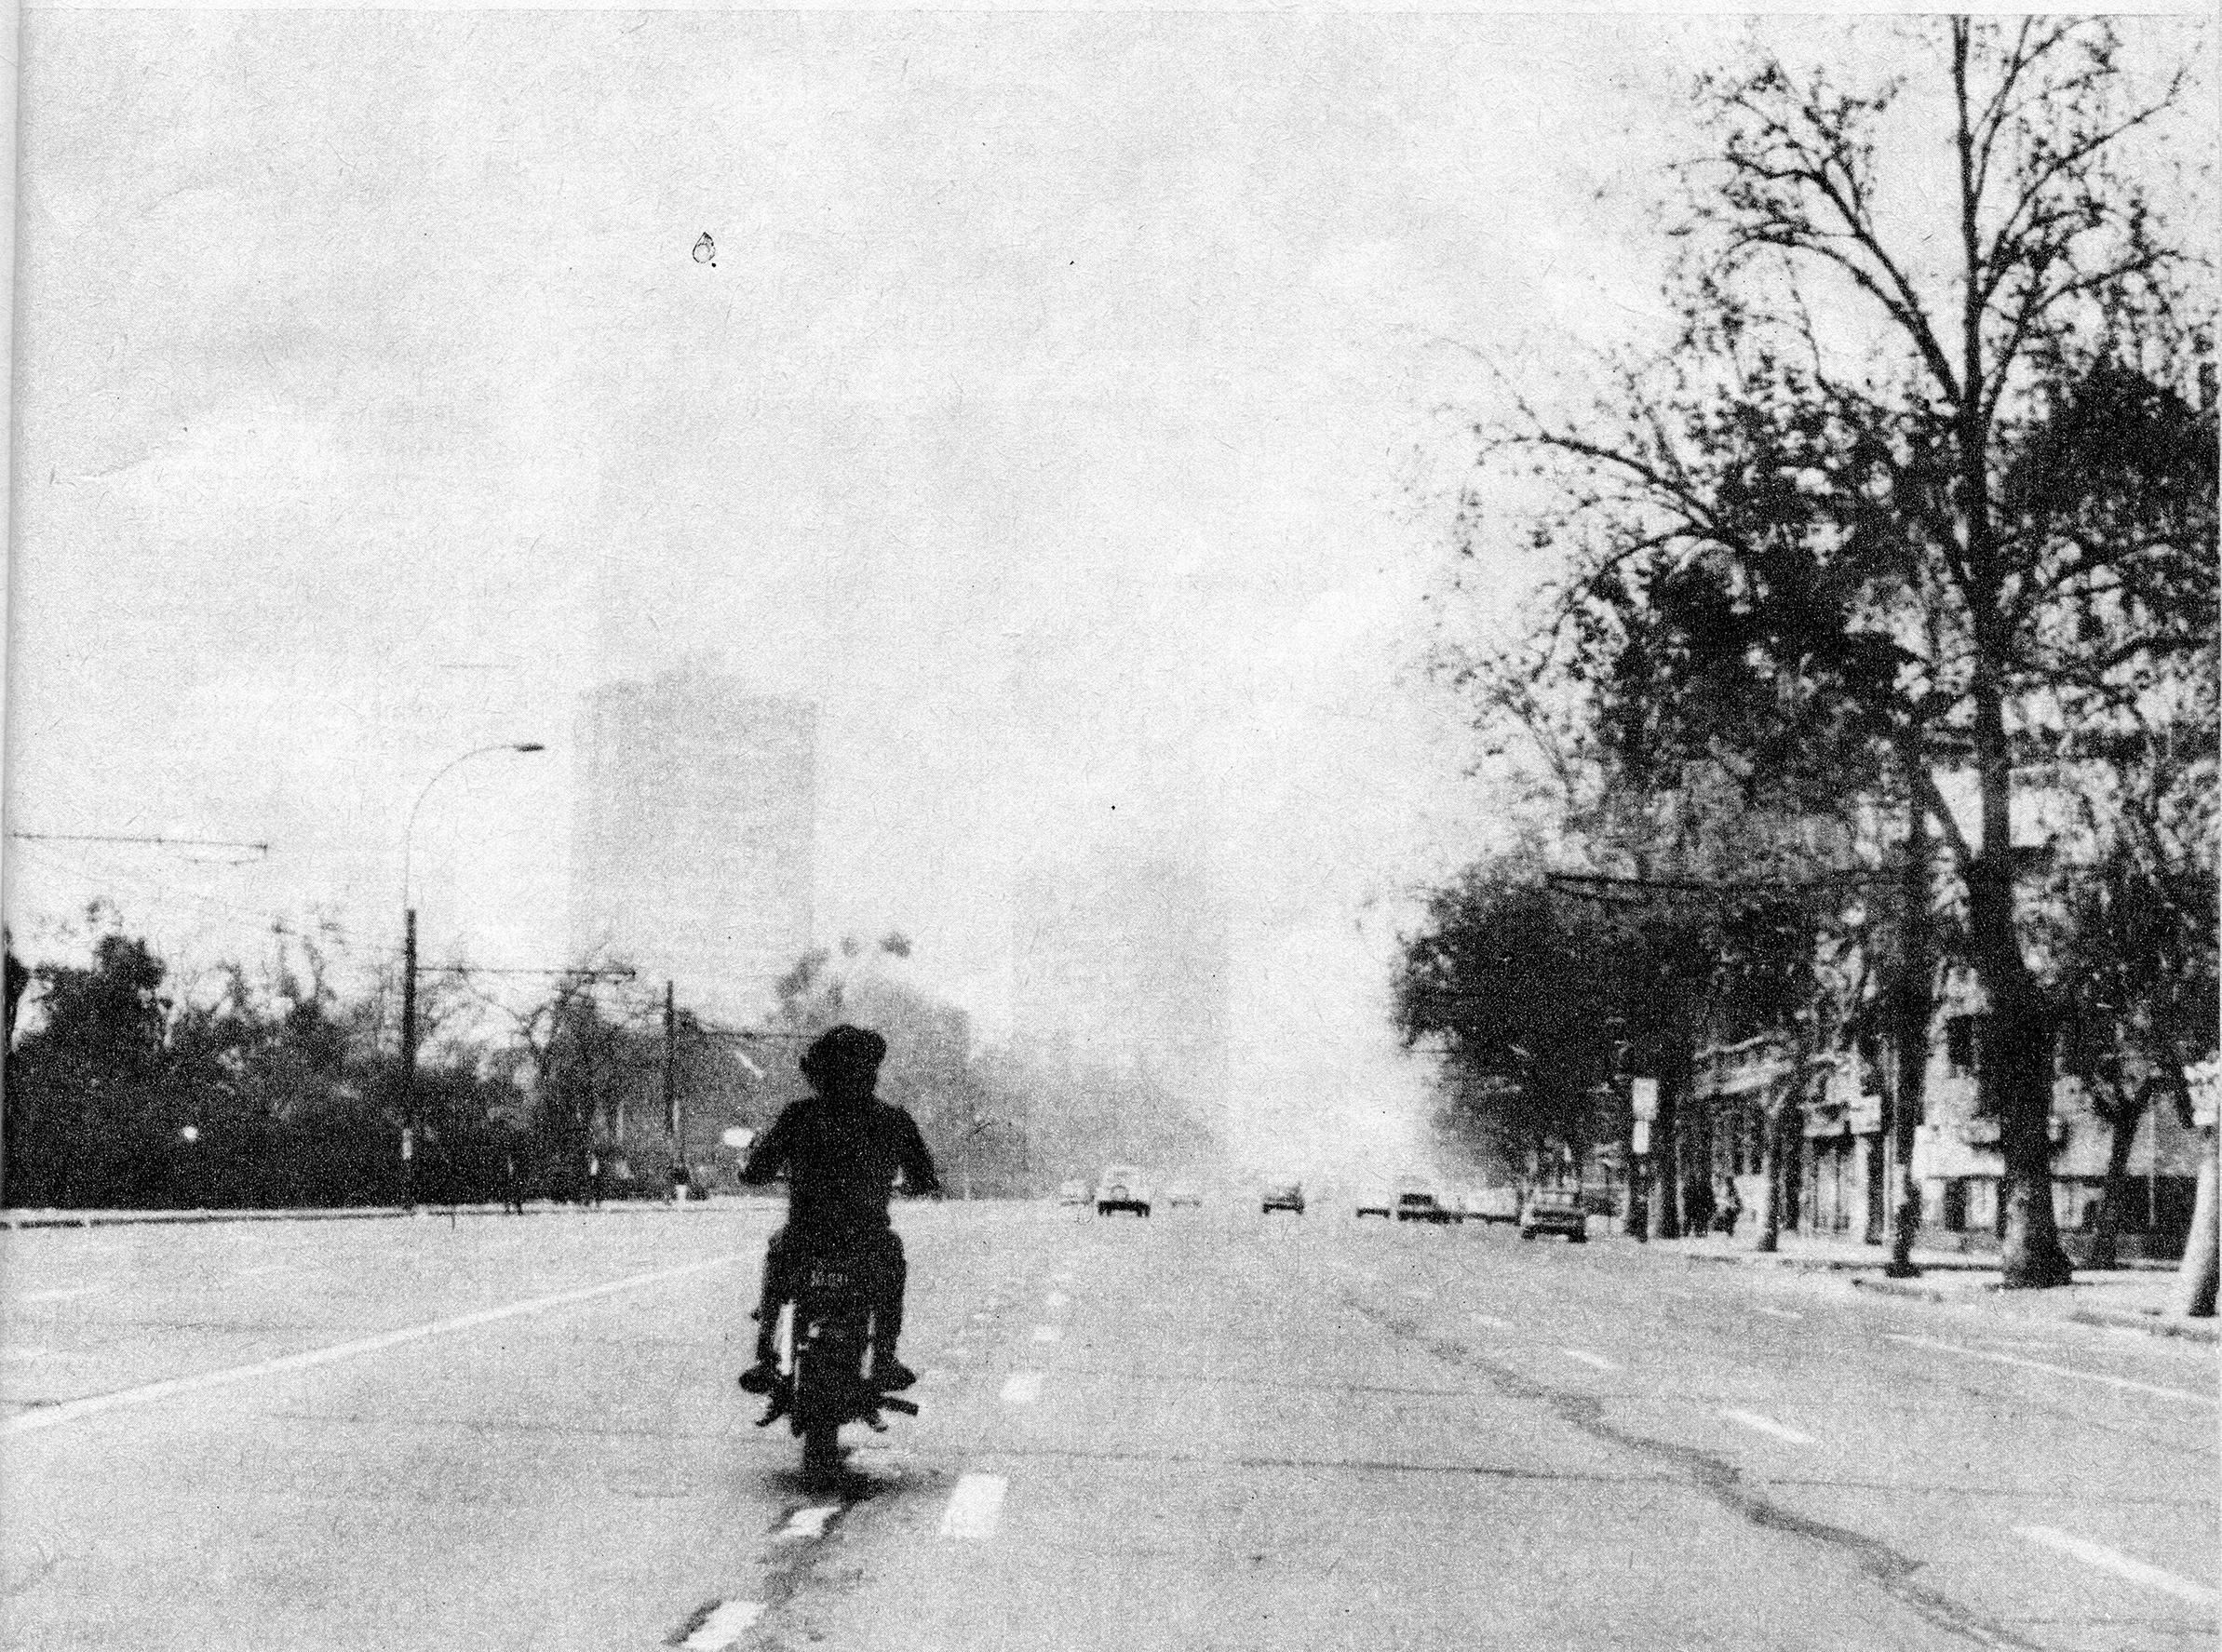 Enterreno - Fotos históricas de chile - fotos antiguas de Chile - El paro de Octubre, 1972